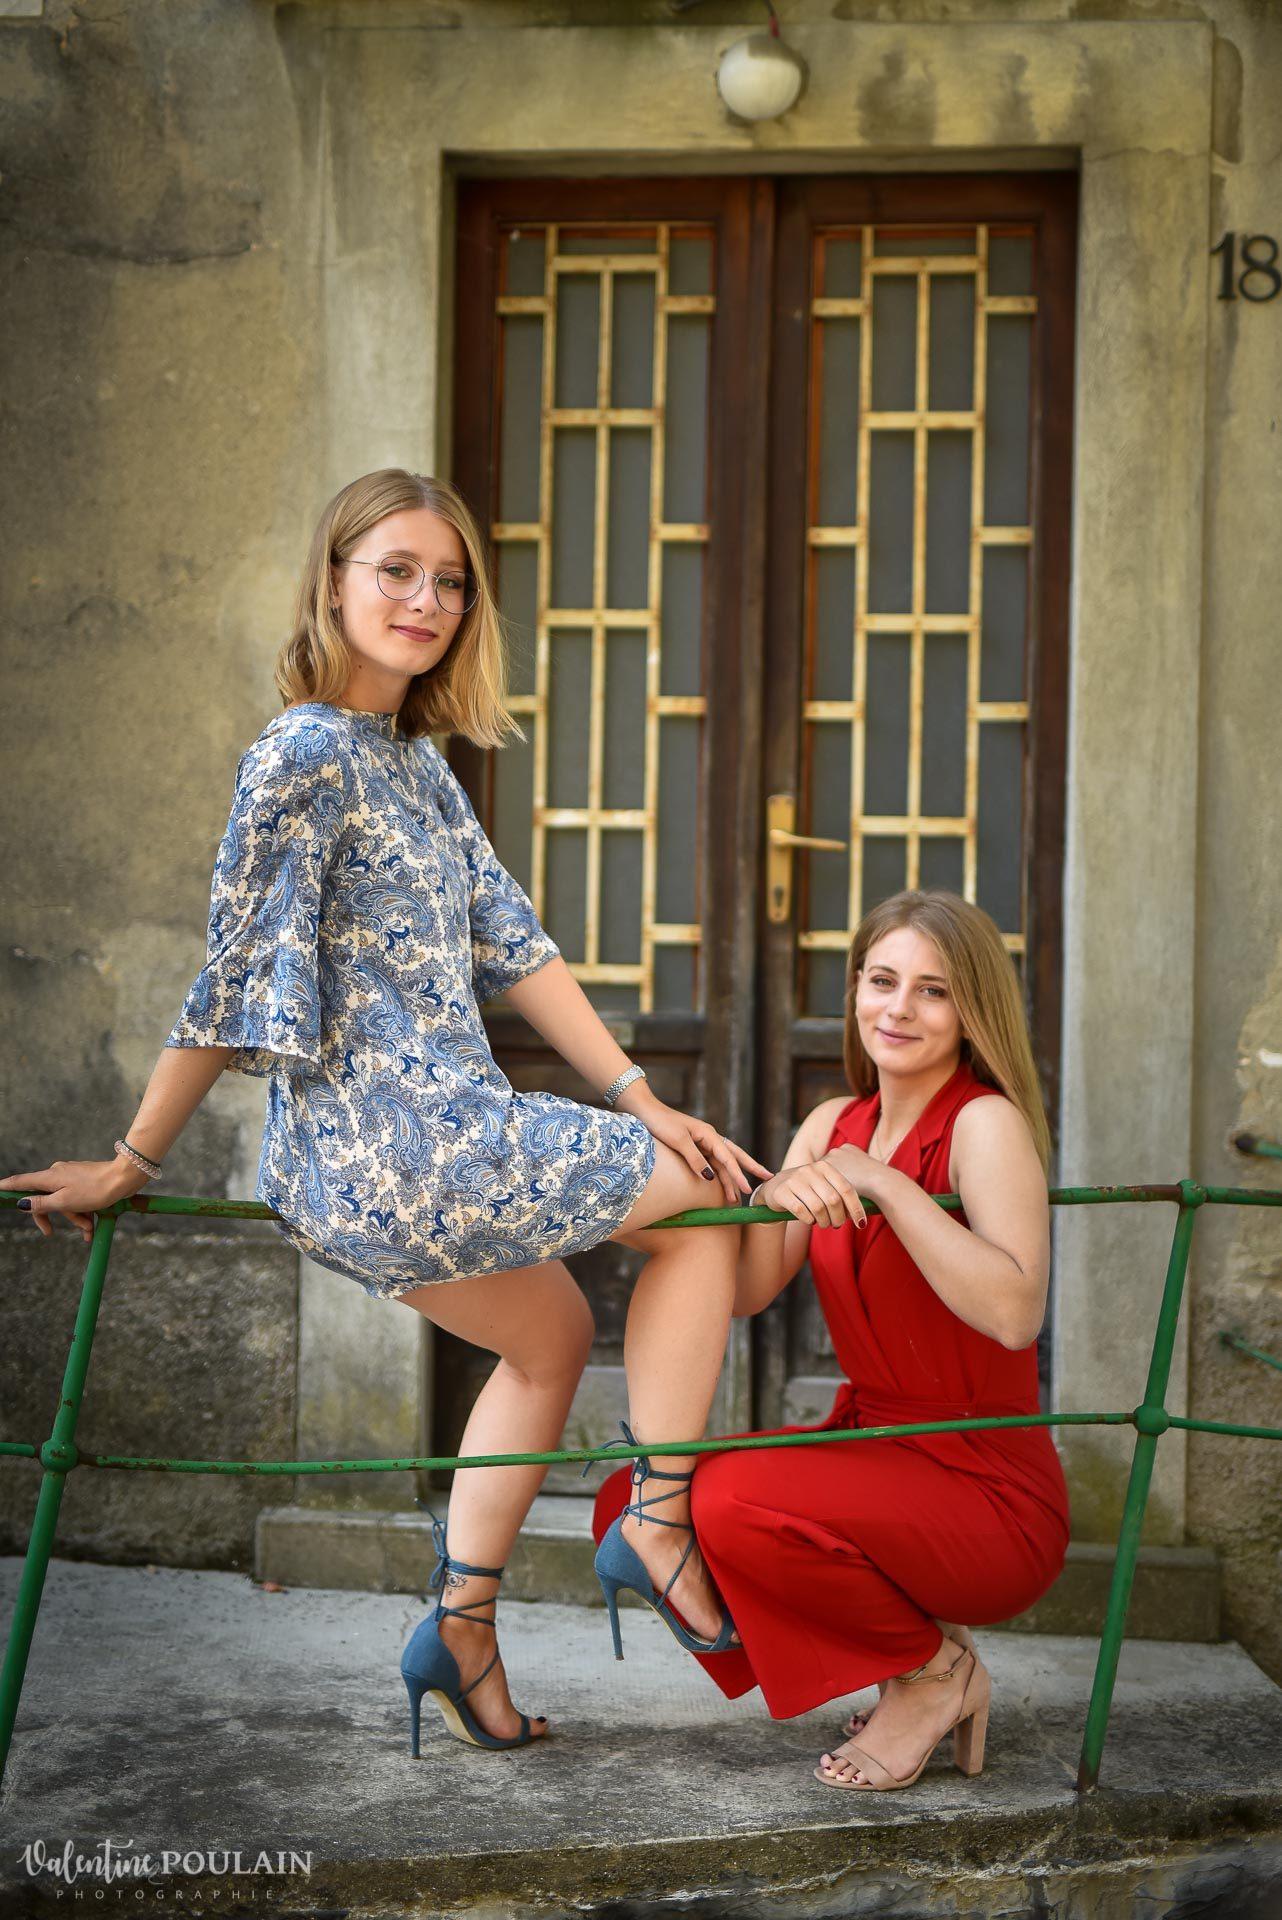 soeur assises Cernobbio Italie - Valentine Poulain